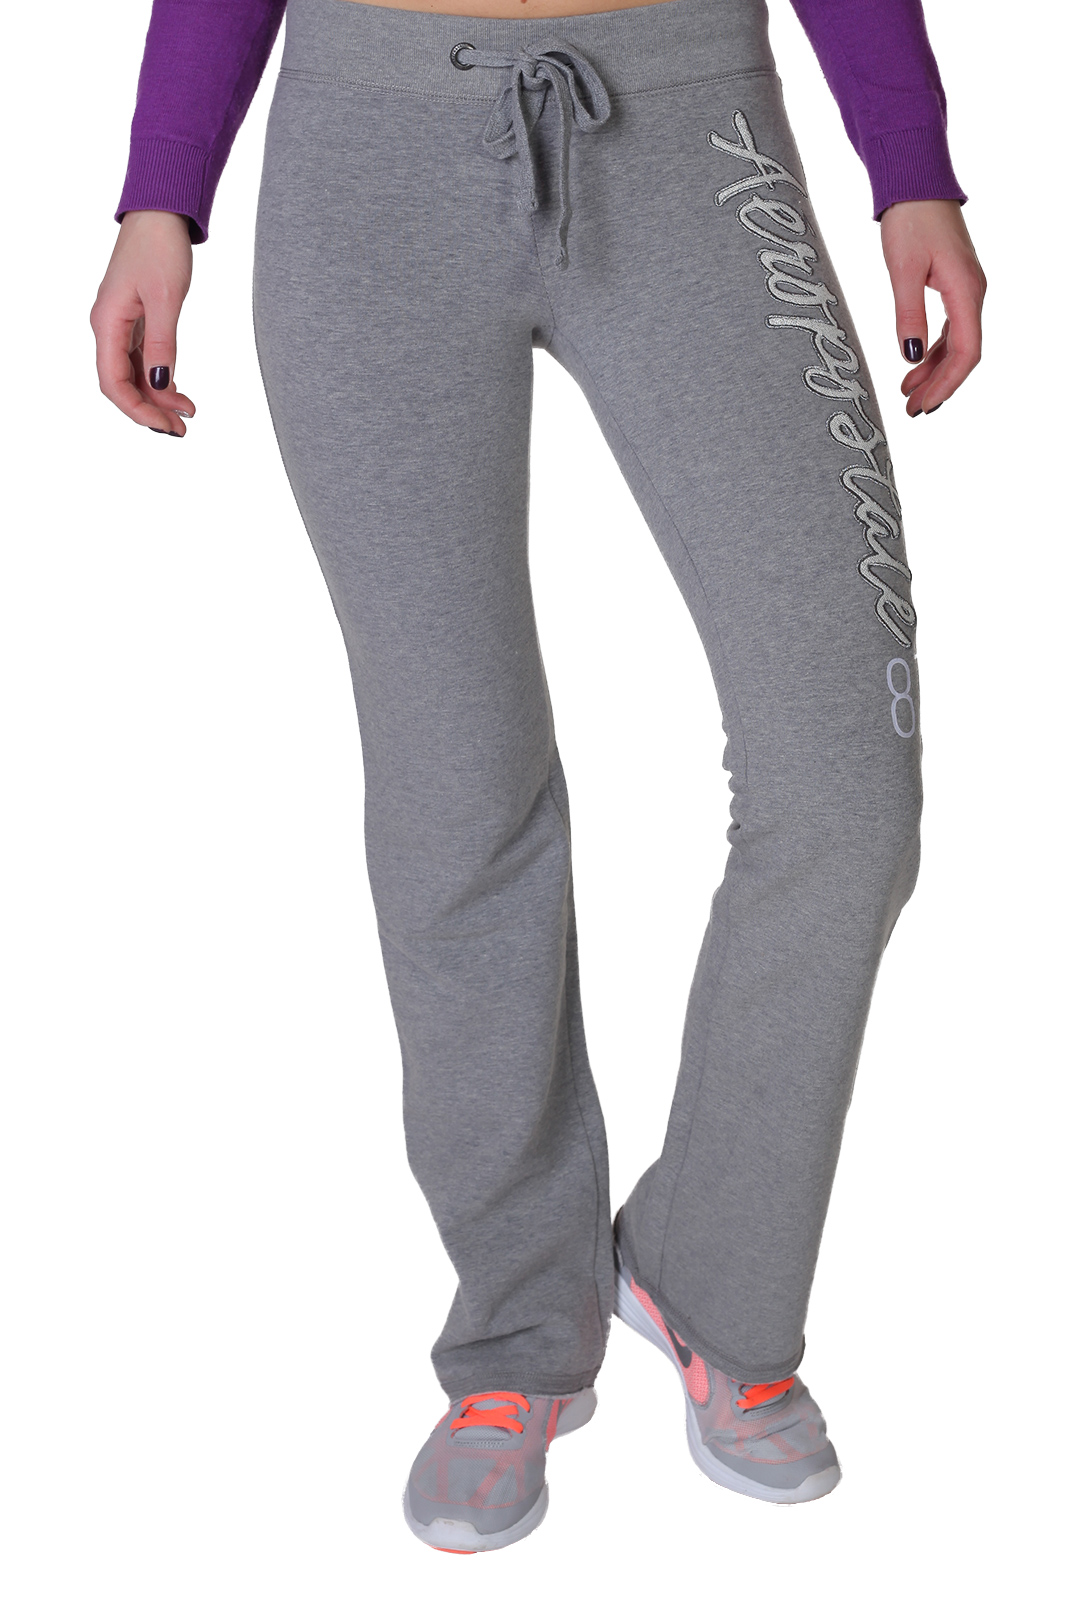 Флисовые женские штаны – крутой повседневный вариант